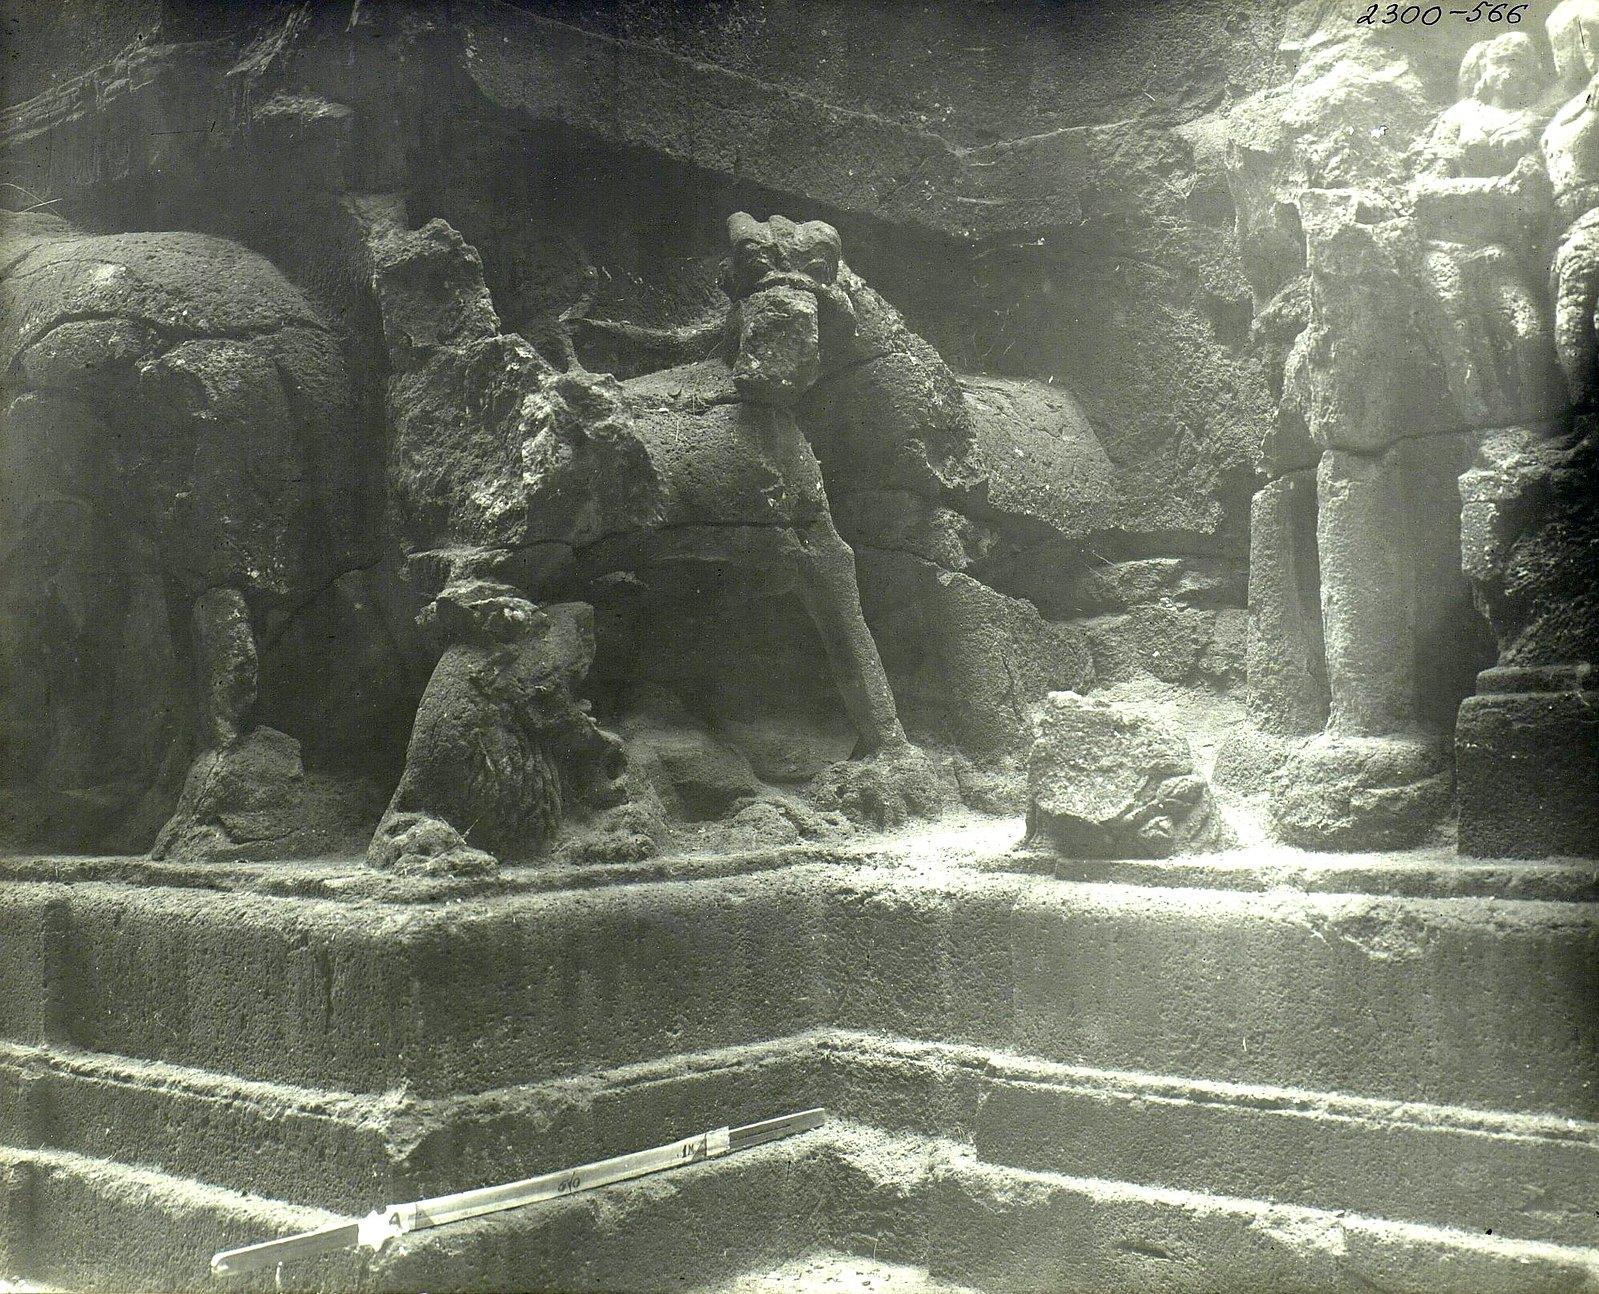 Храм Кайласа в Эллоре (деталь рельефа со слонами и львами) (3)